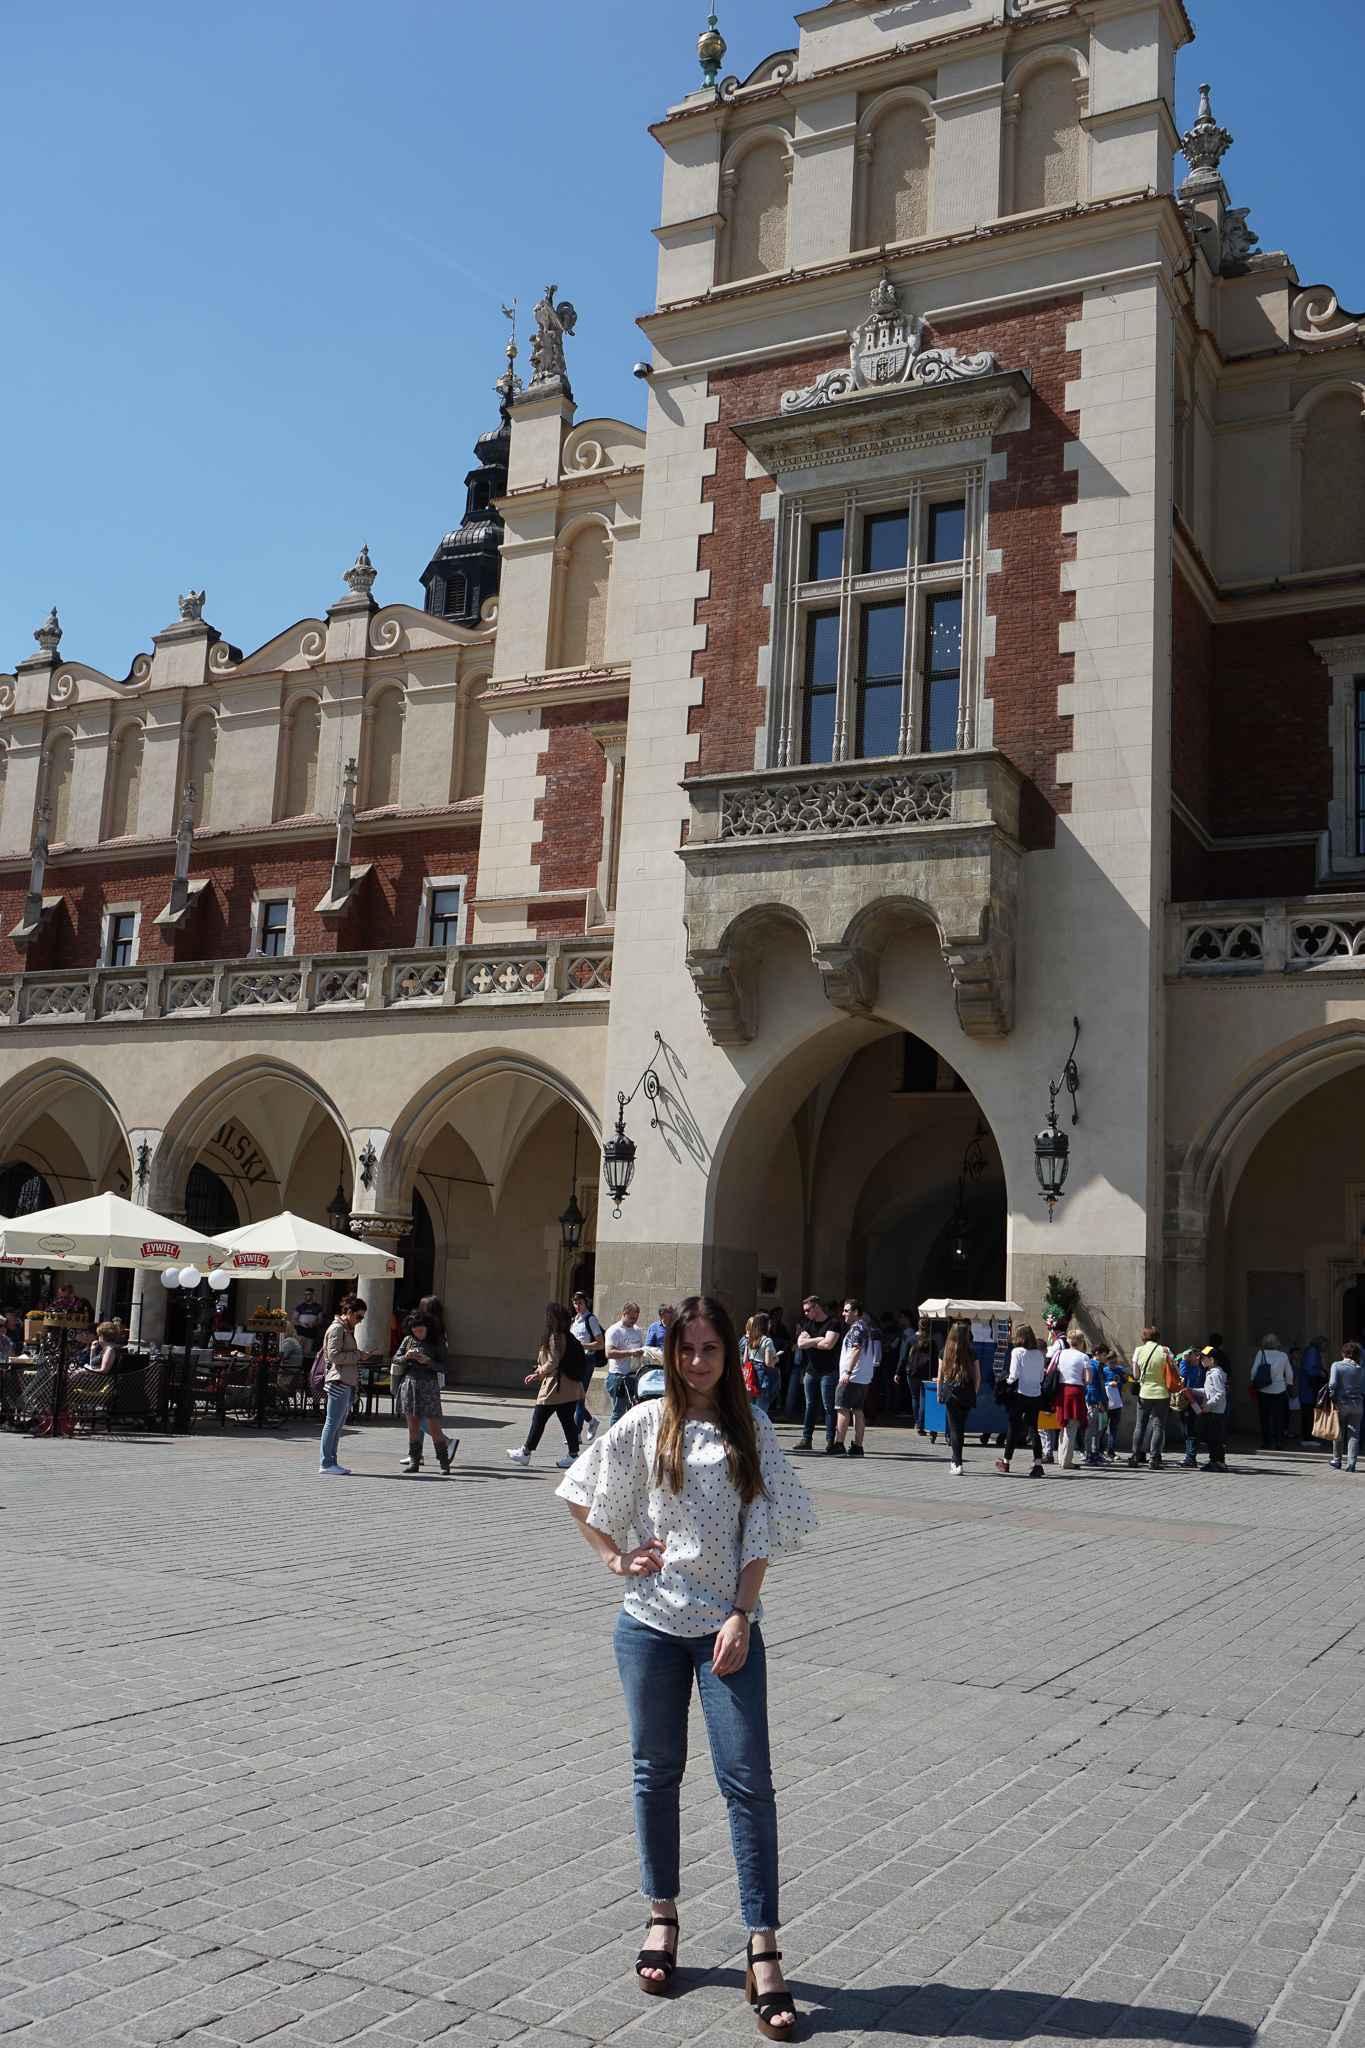 «Rynek Główny», der mit 40 000 Quadratmetern grösste mittelalterliche Marktplatz Europas